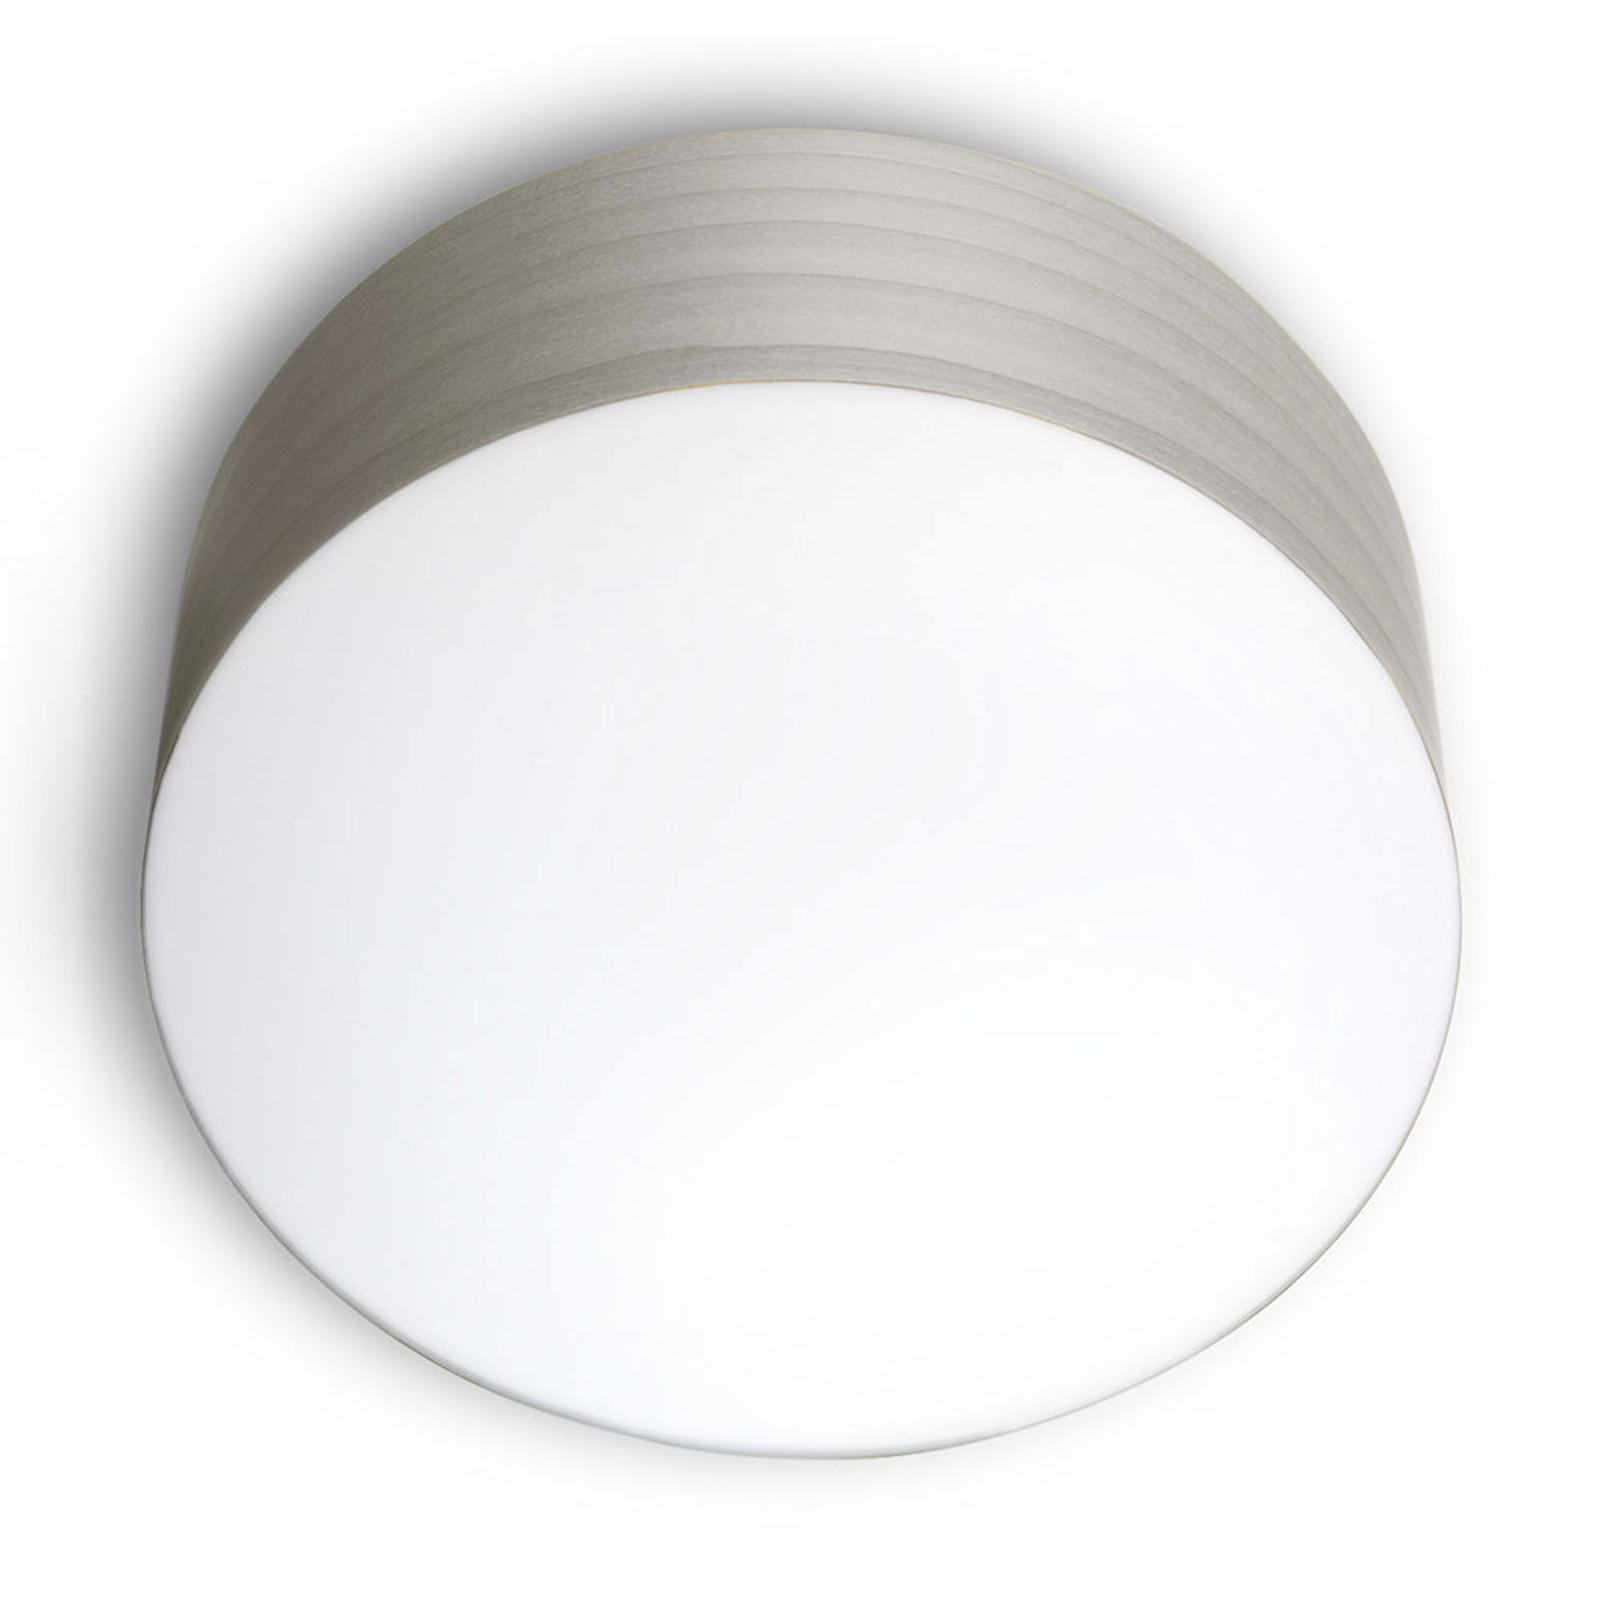 LZF Gea taklampe 0-10V dim, Ø 30cm, grå